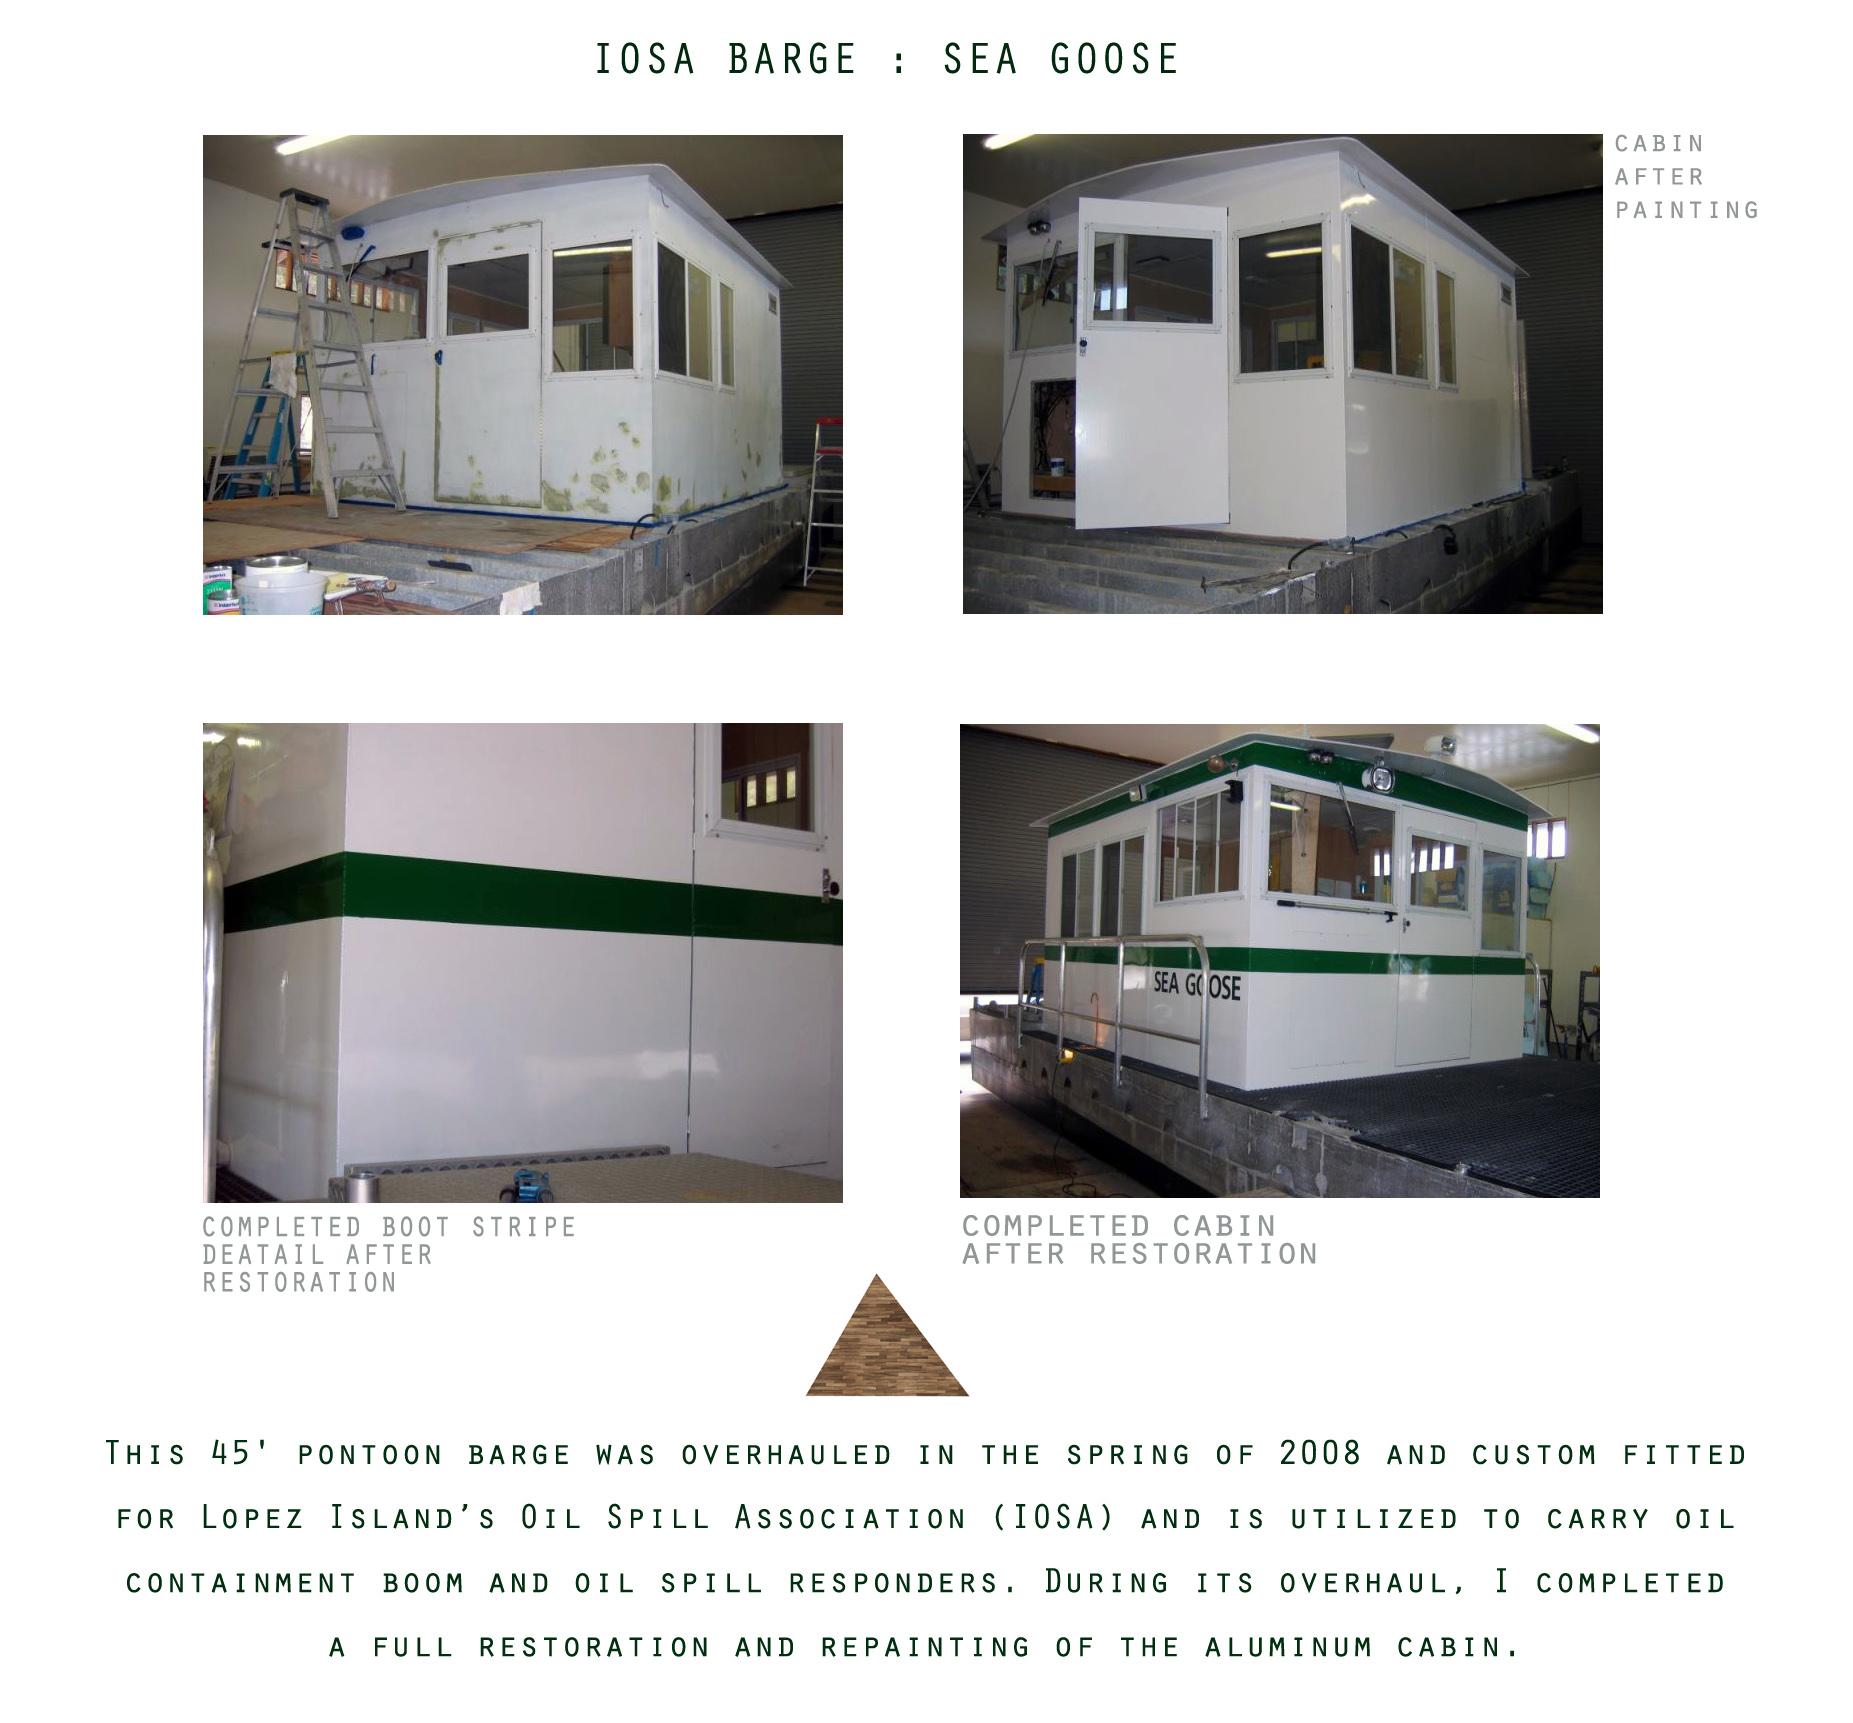 iosa barge 3.jpg